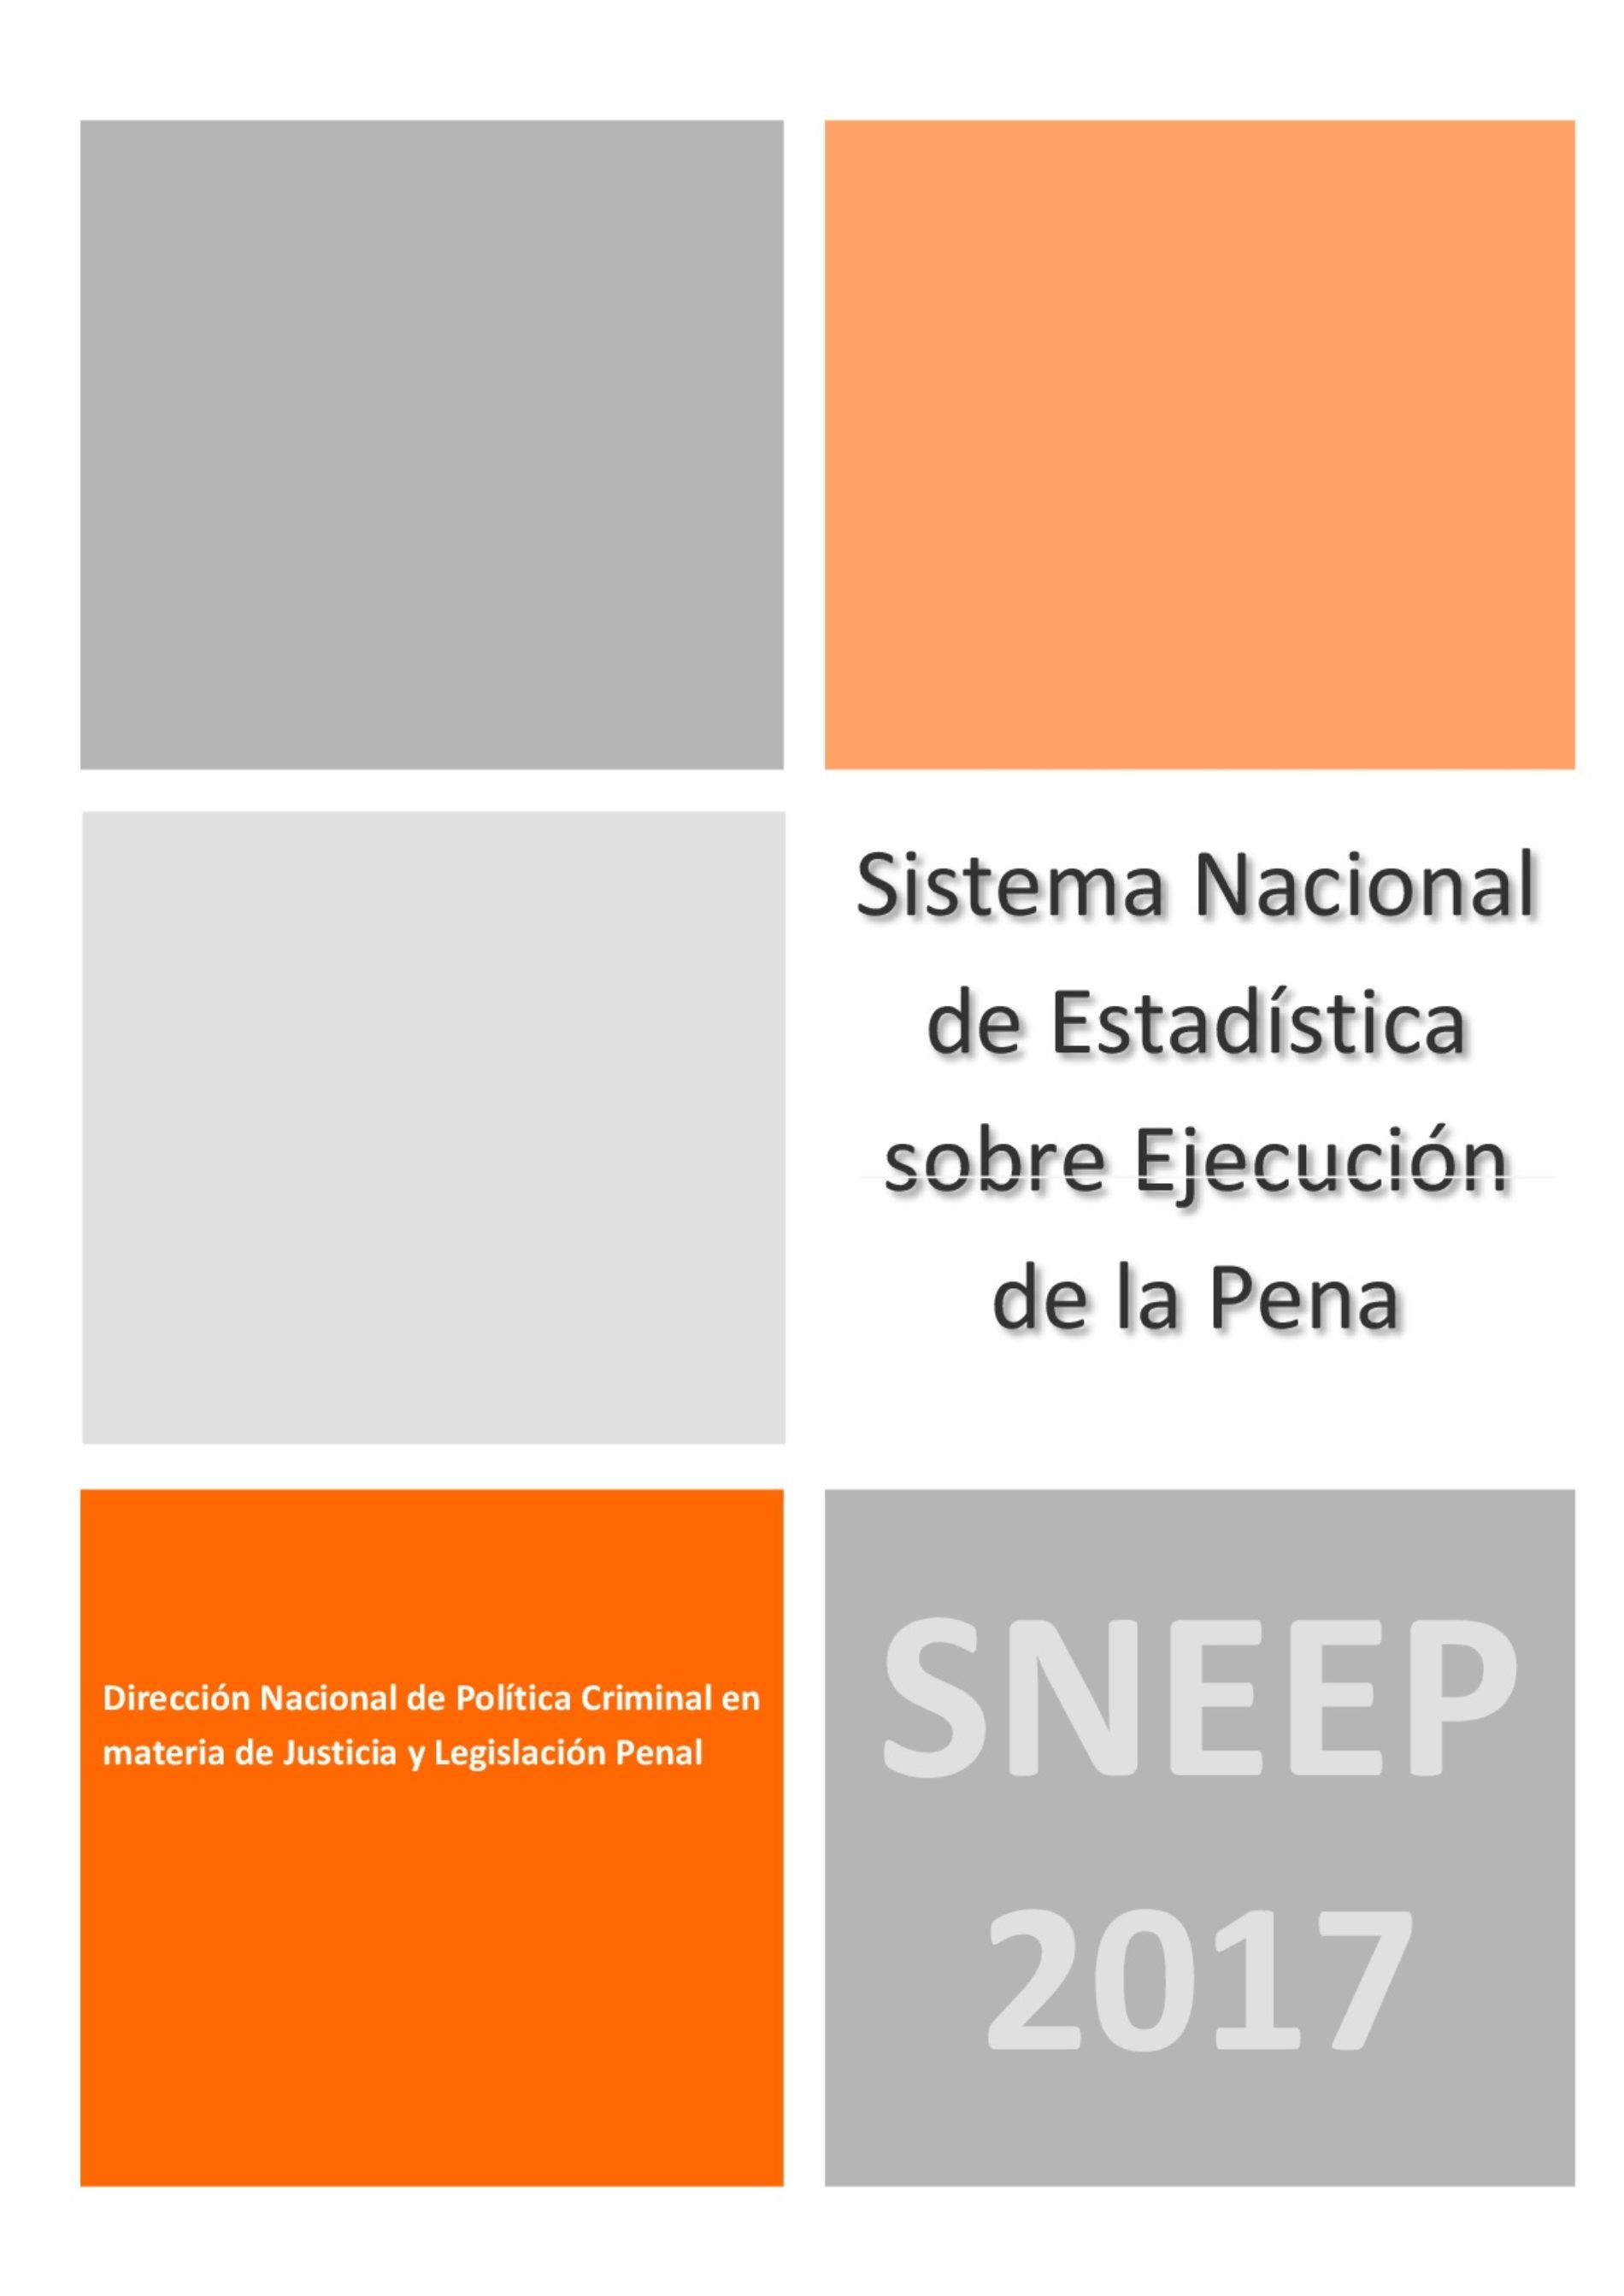 «Informe del Sistema Nacional de Estadística sobre Ejecución Penal (2017)»